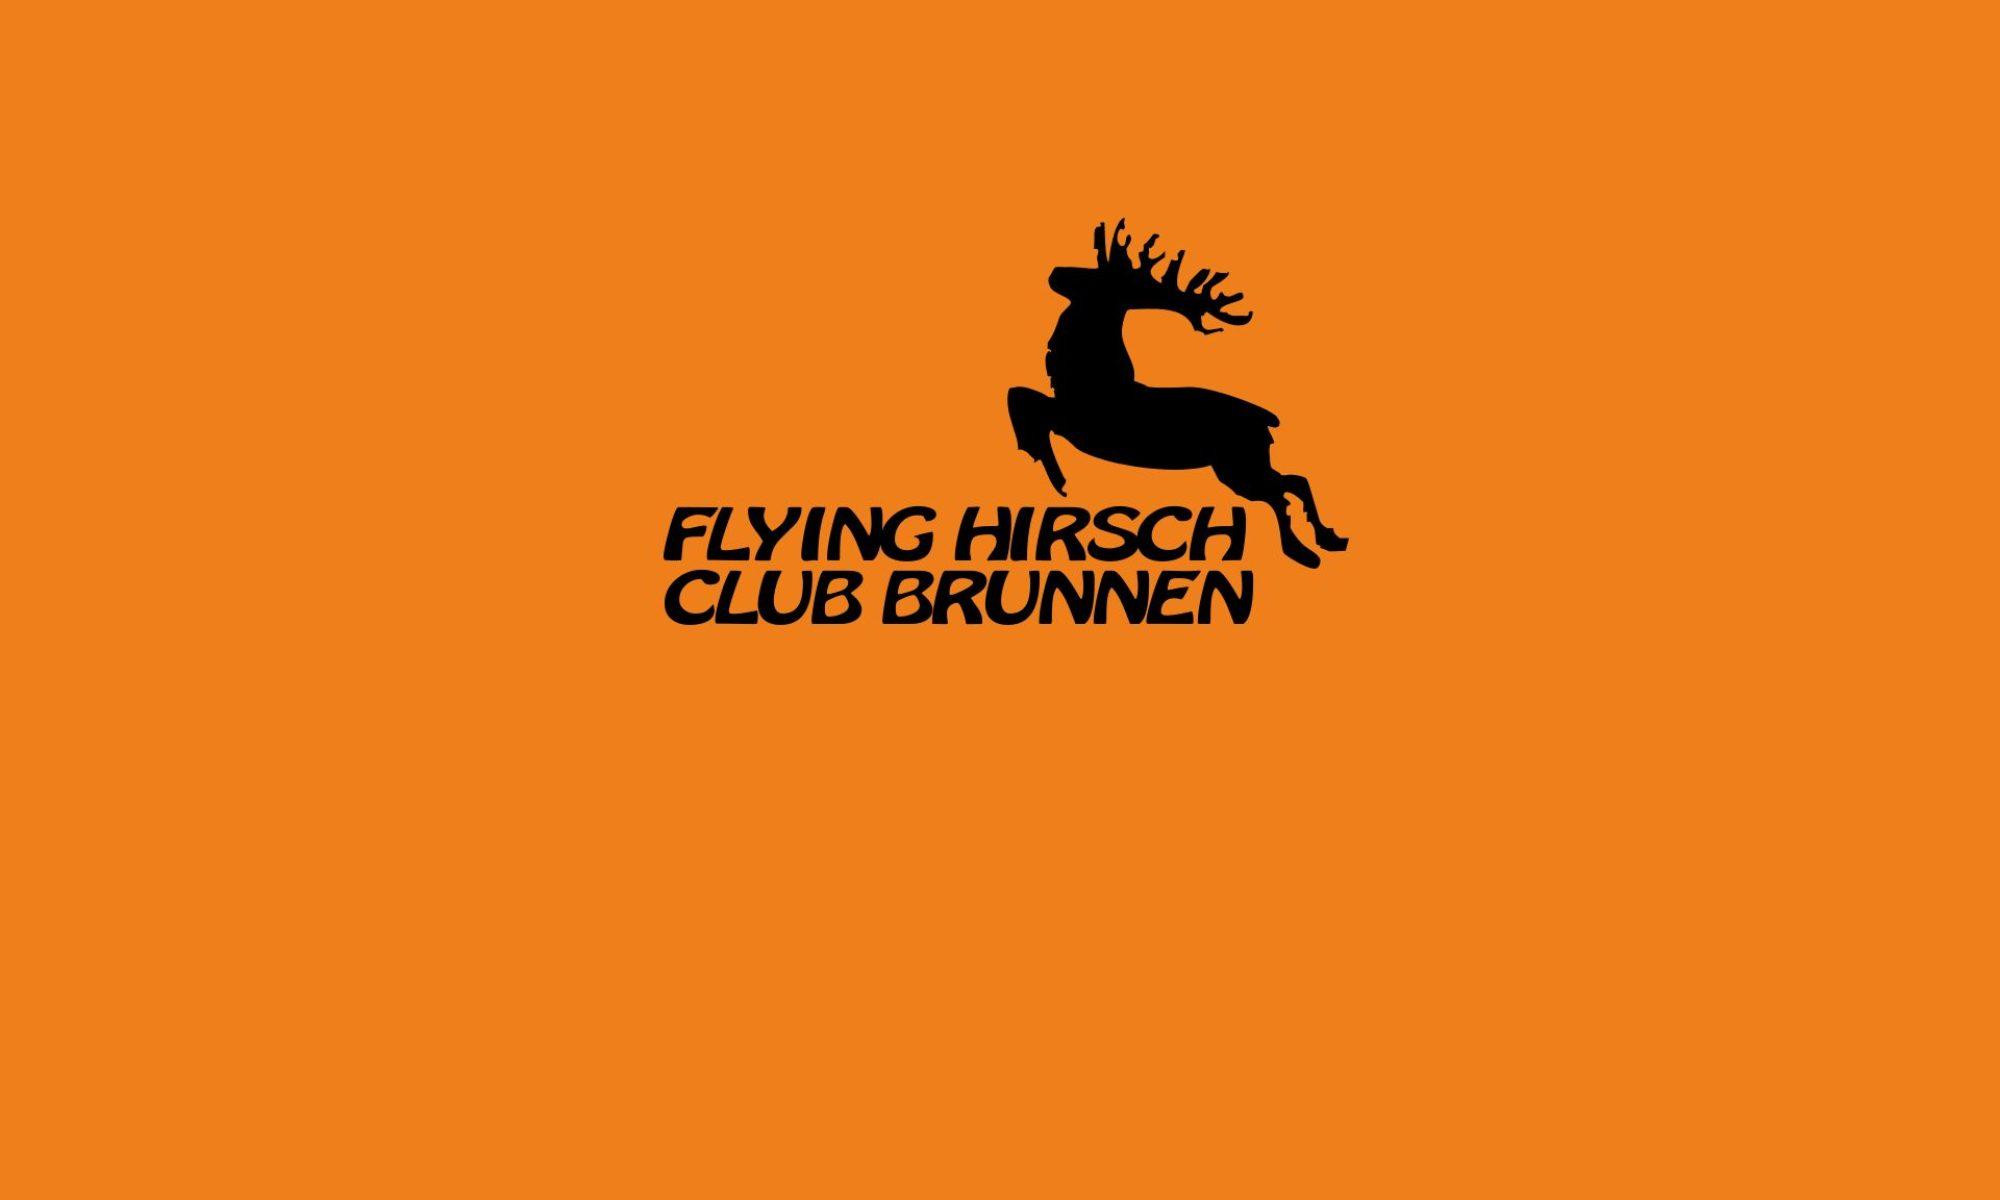 Flying Hirsch Club